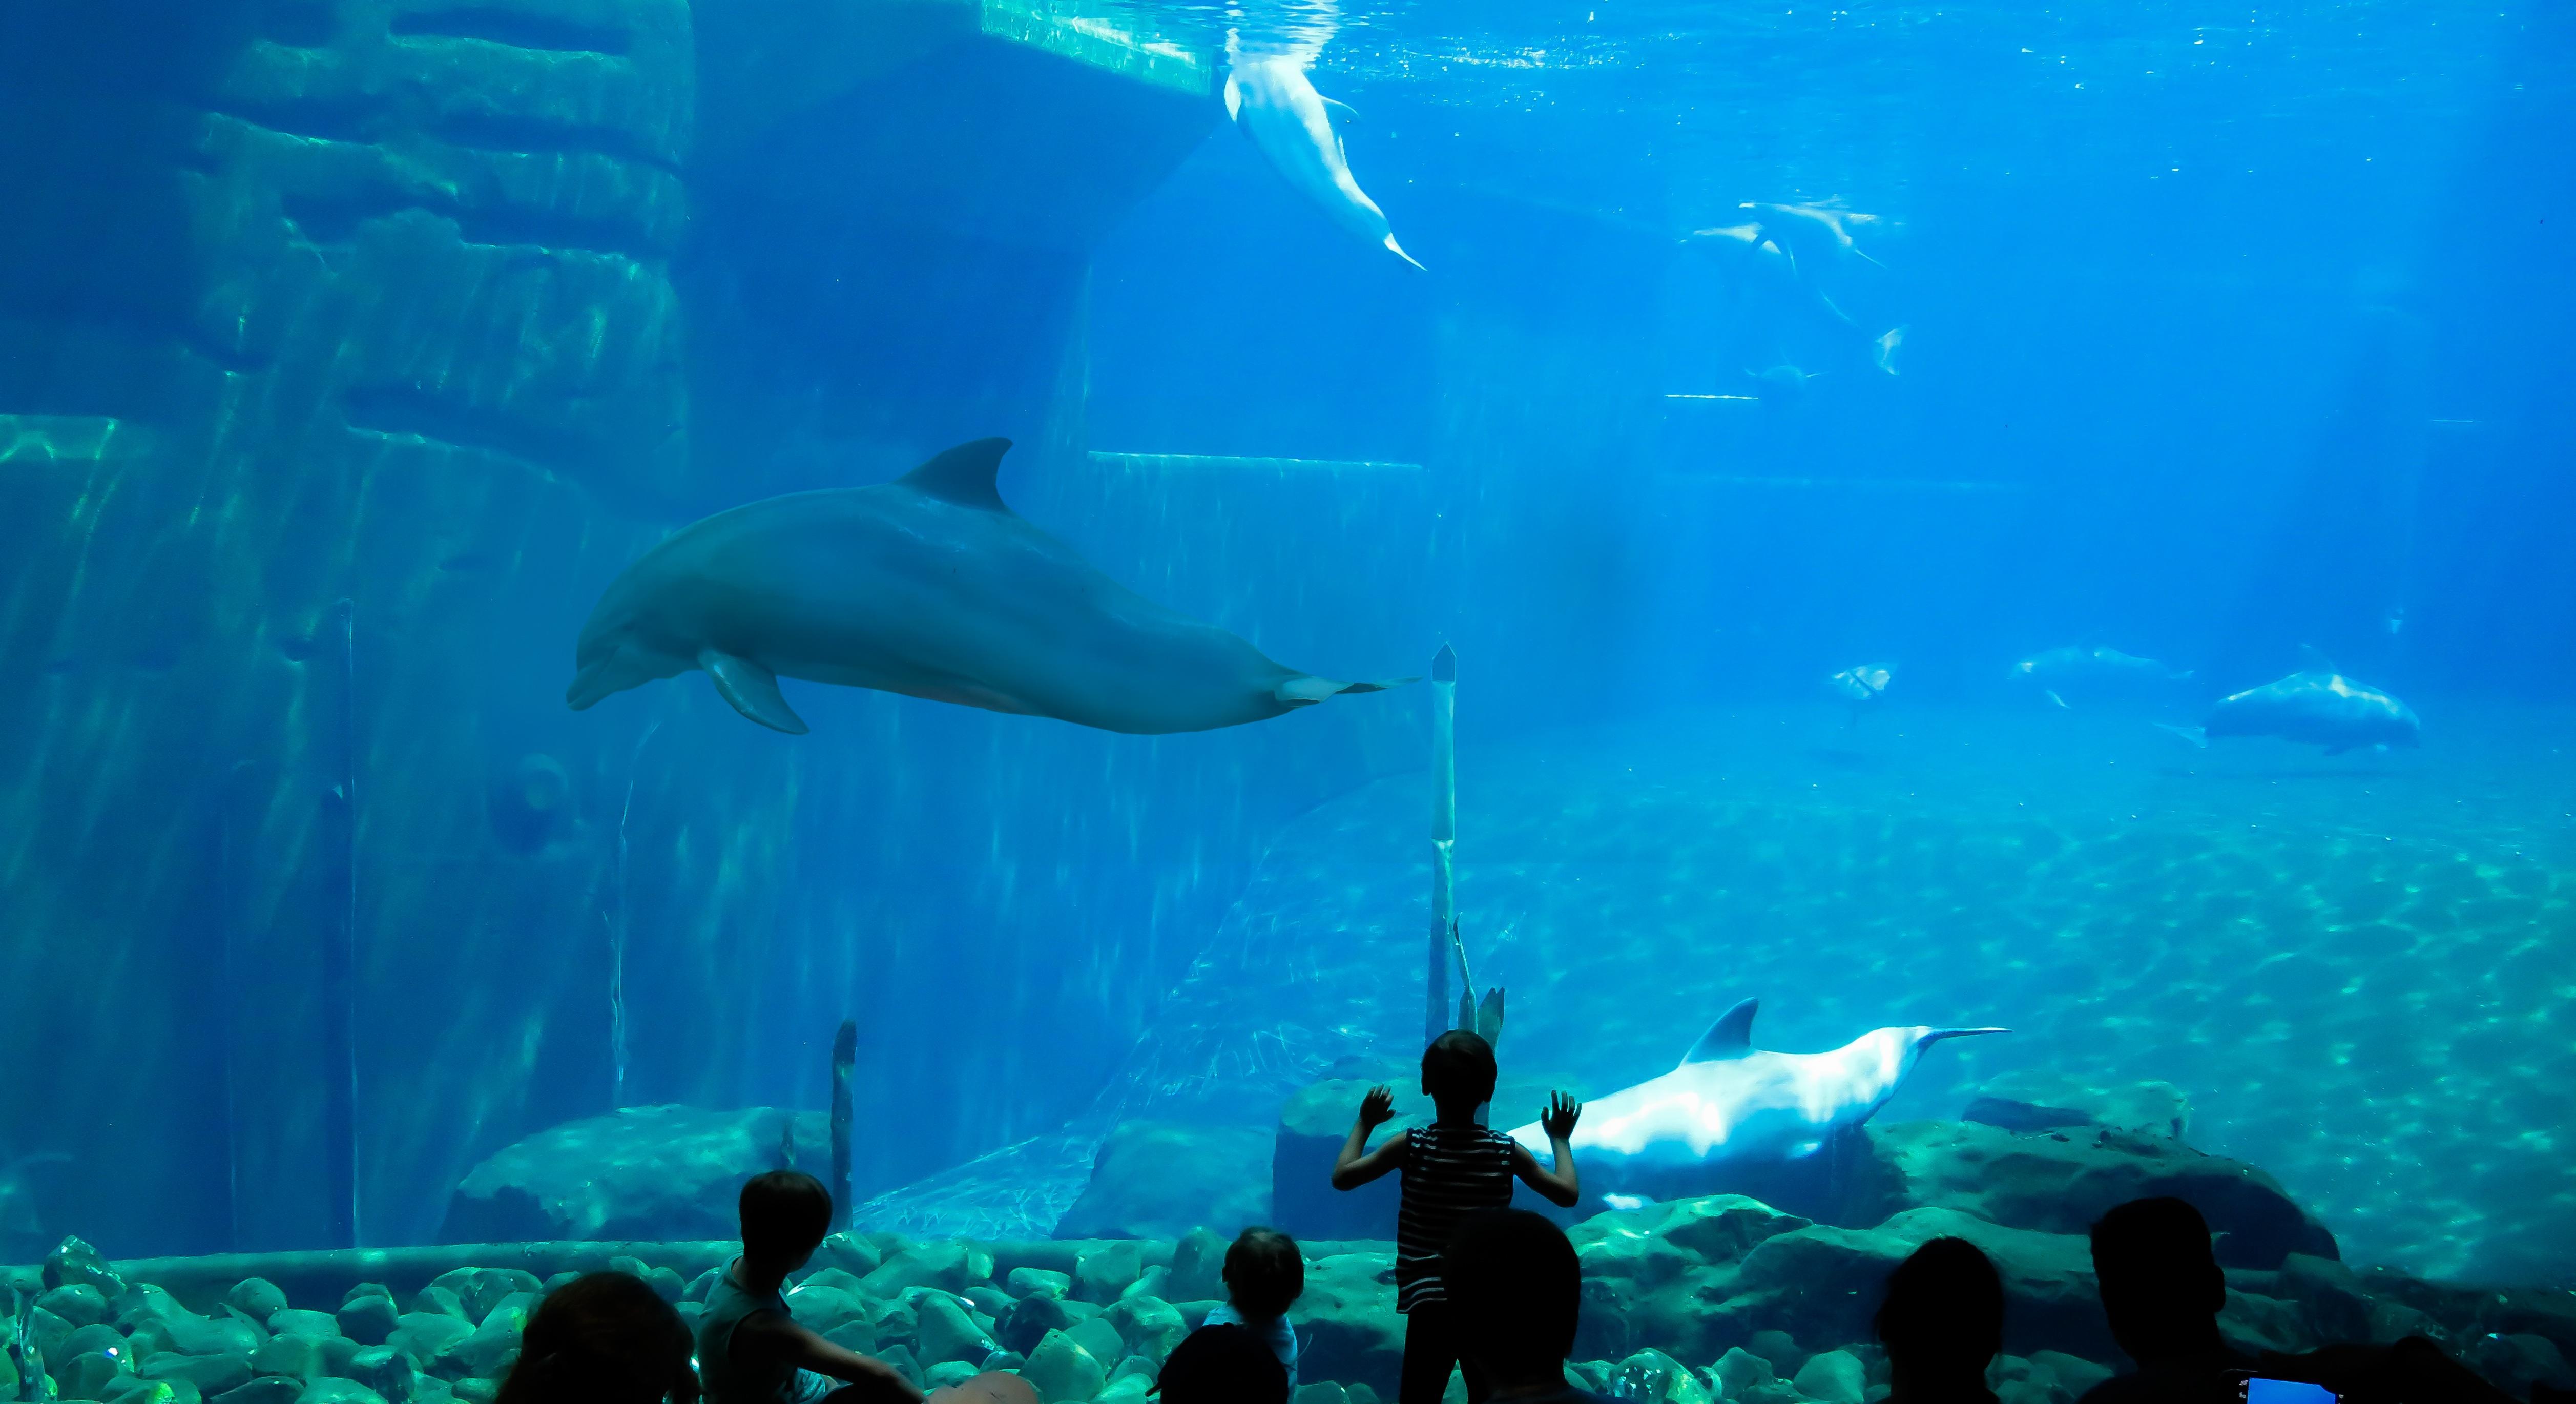 Dolphin in the aquarium photo